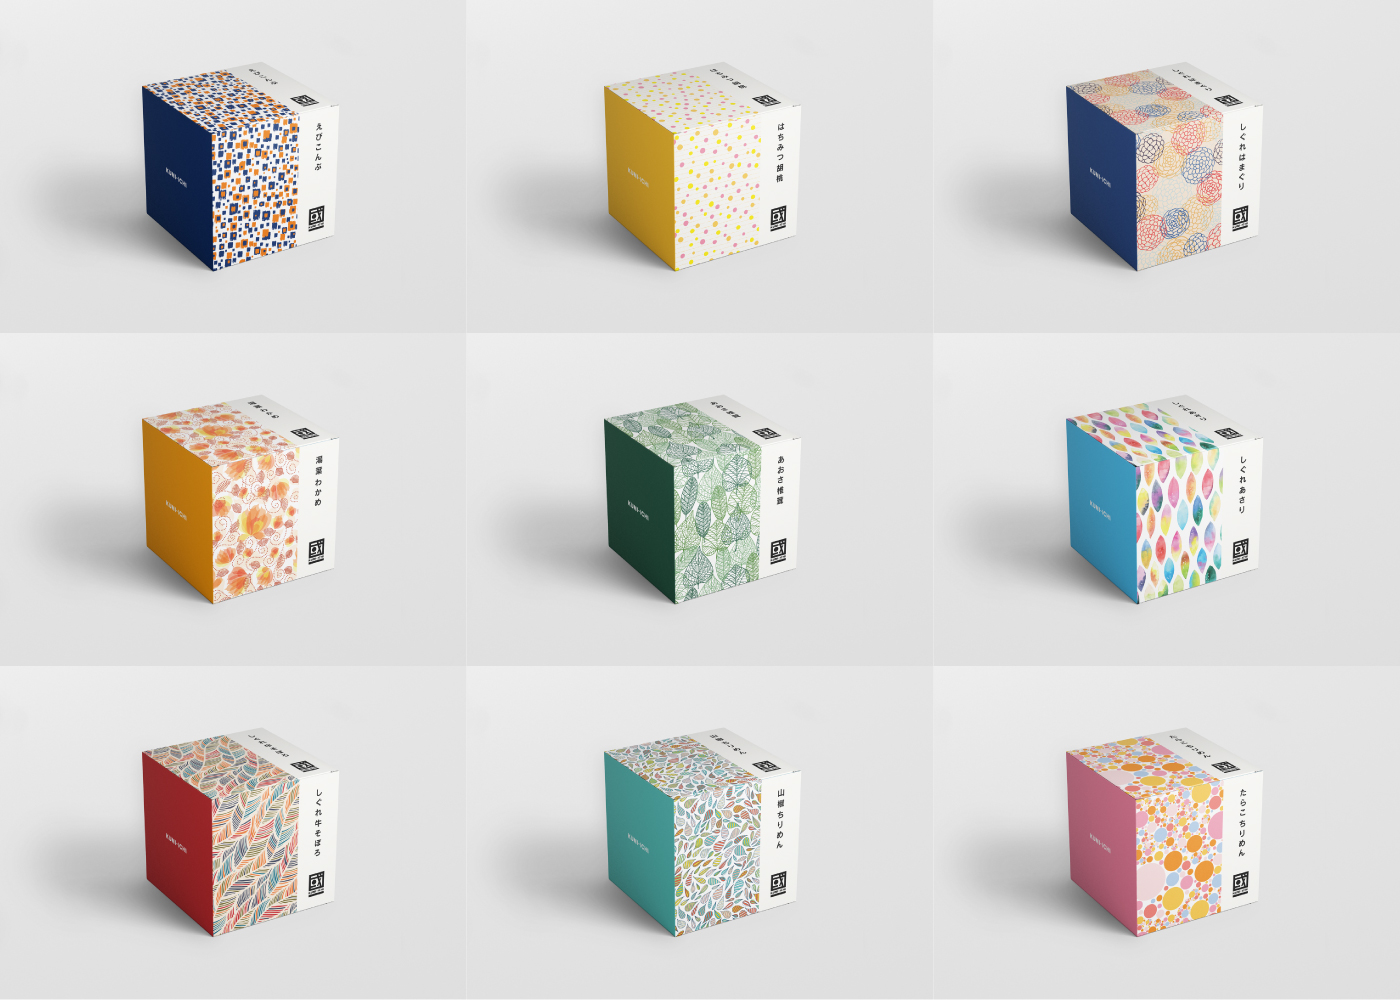 國一のパッケージデザイン全種類